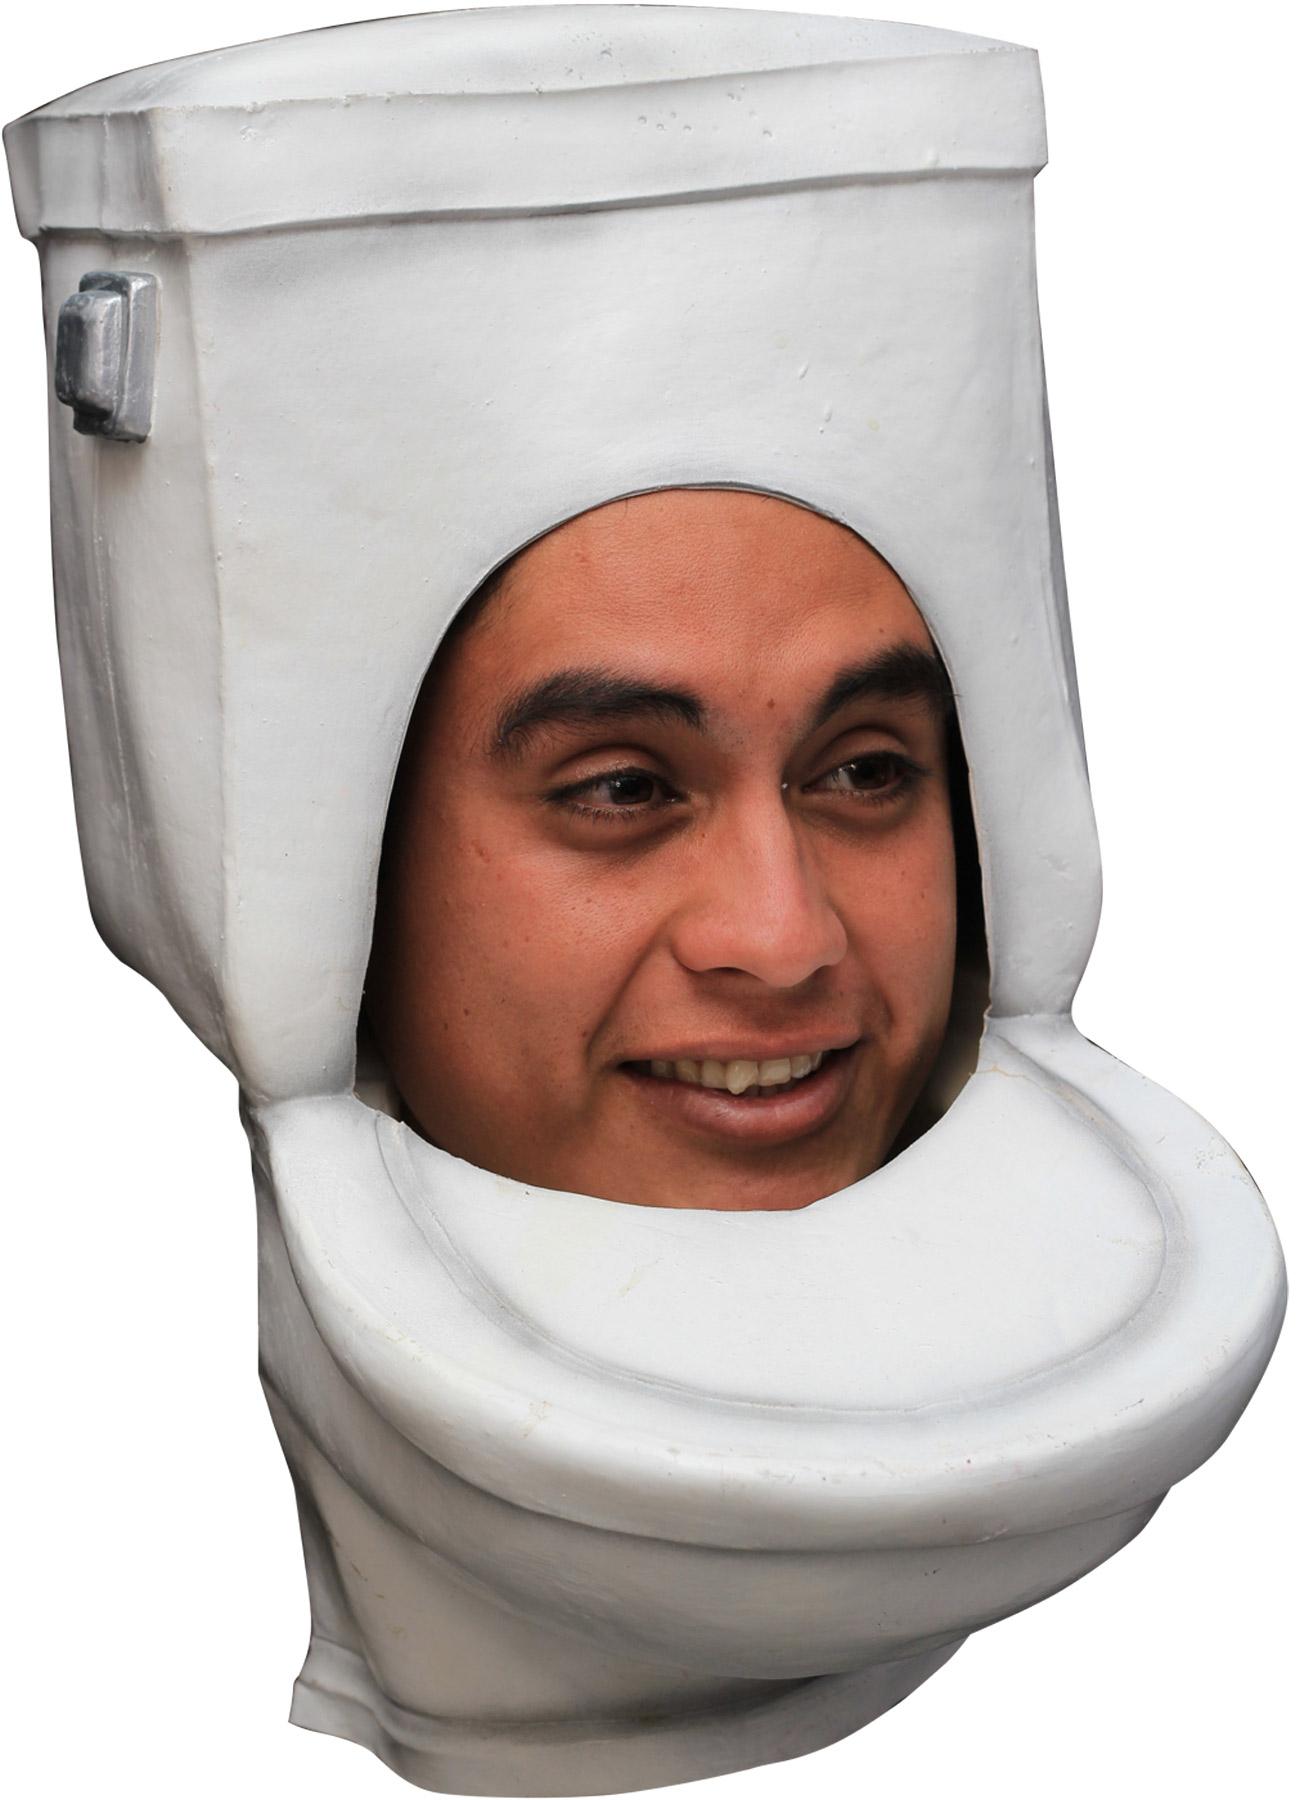 masque de toilette achat de masques sur vegaoopro grossiste en d guisements. Black Bedroom Furniture Sets. Home Design Ideas